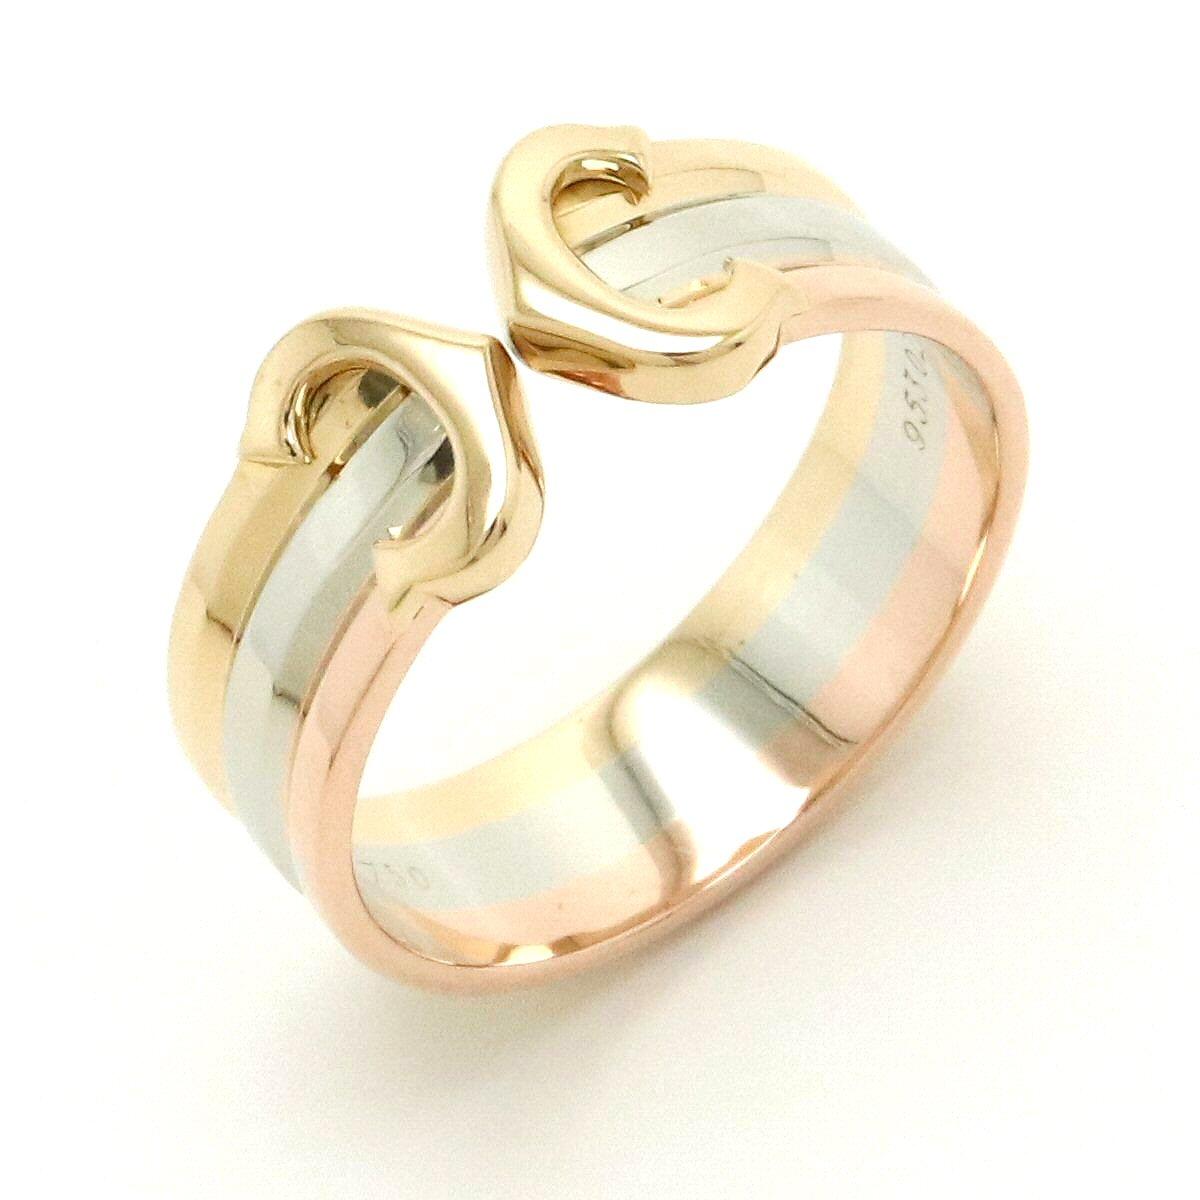 【ジュエリー】【新品仕上げ済】Cartier カルティエ 2C トリニティ リング 指輪 K18 スリーカラー スリーゴールド イエロー ピンク ホワイト 3カラー C2 11号 #51 【中古】